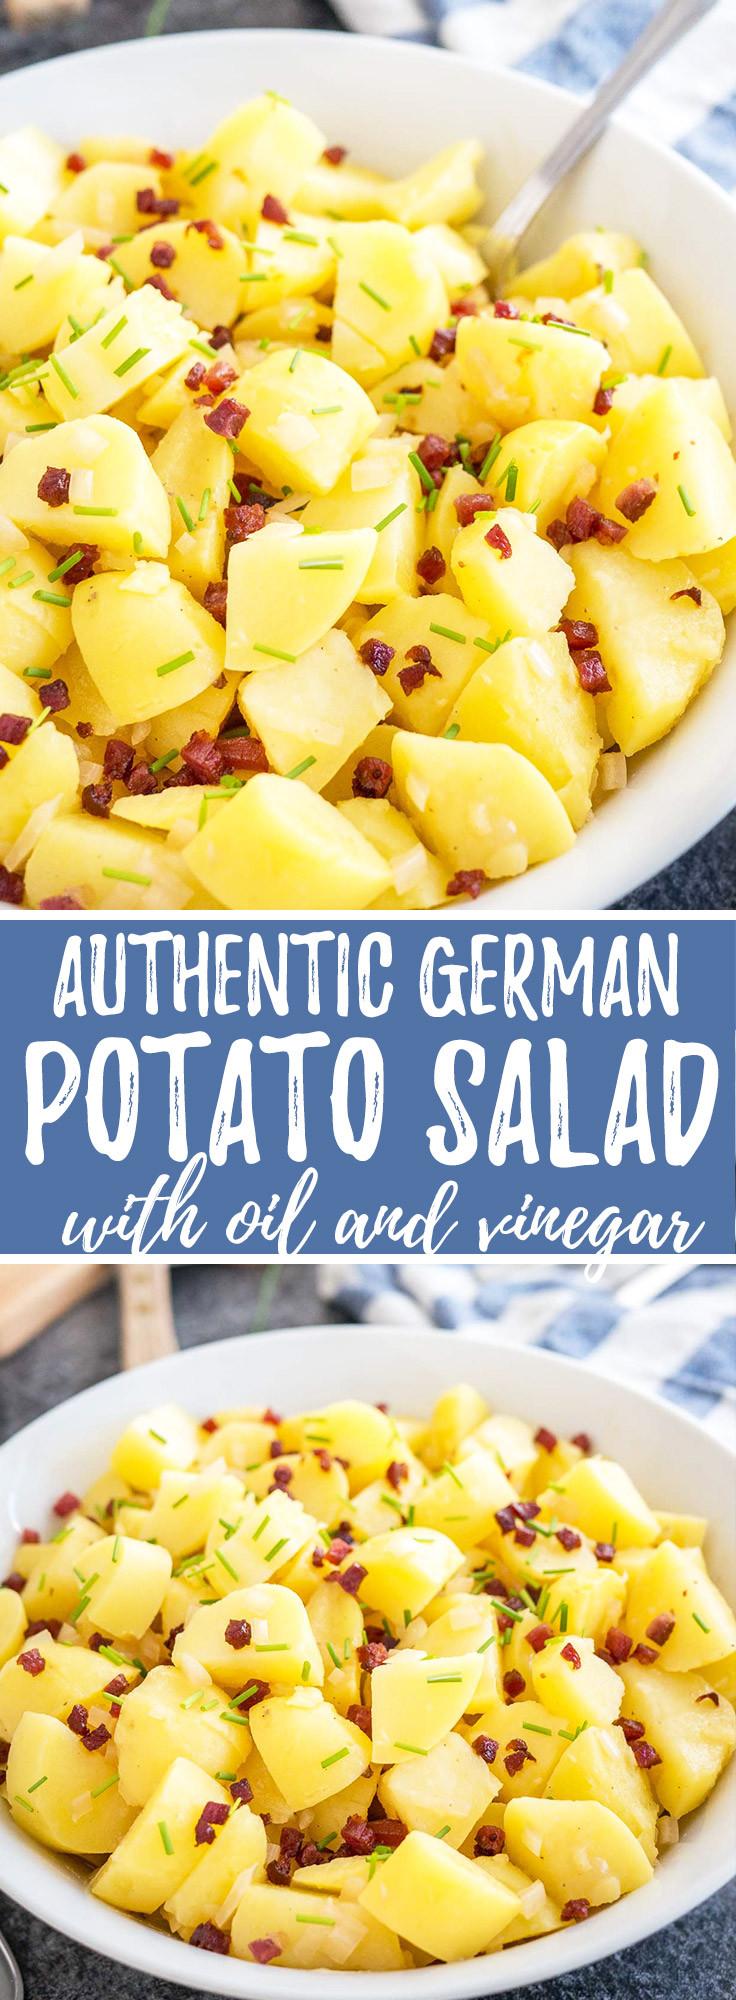 Authentic German Potato Salad Recipe  Authentic German Potato Salad